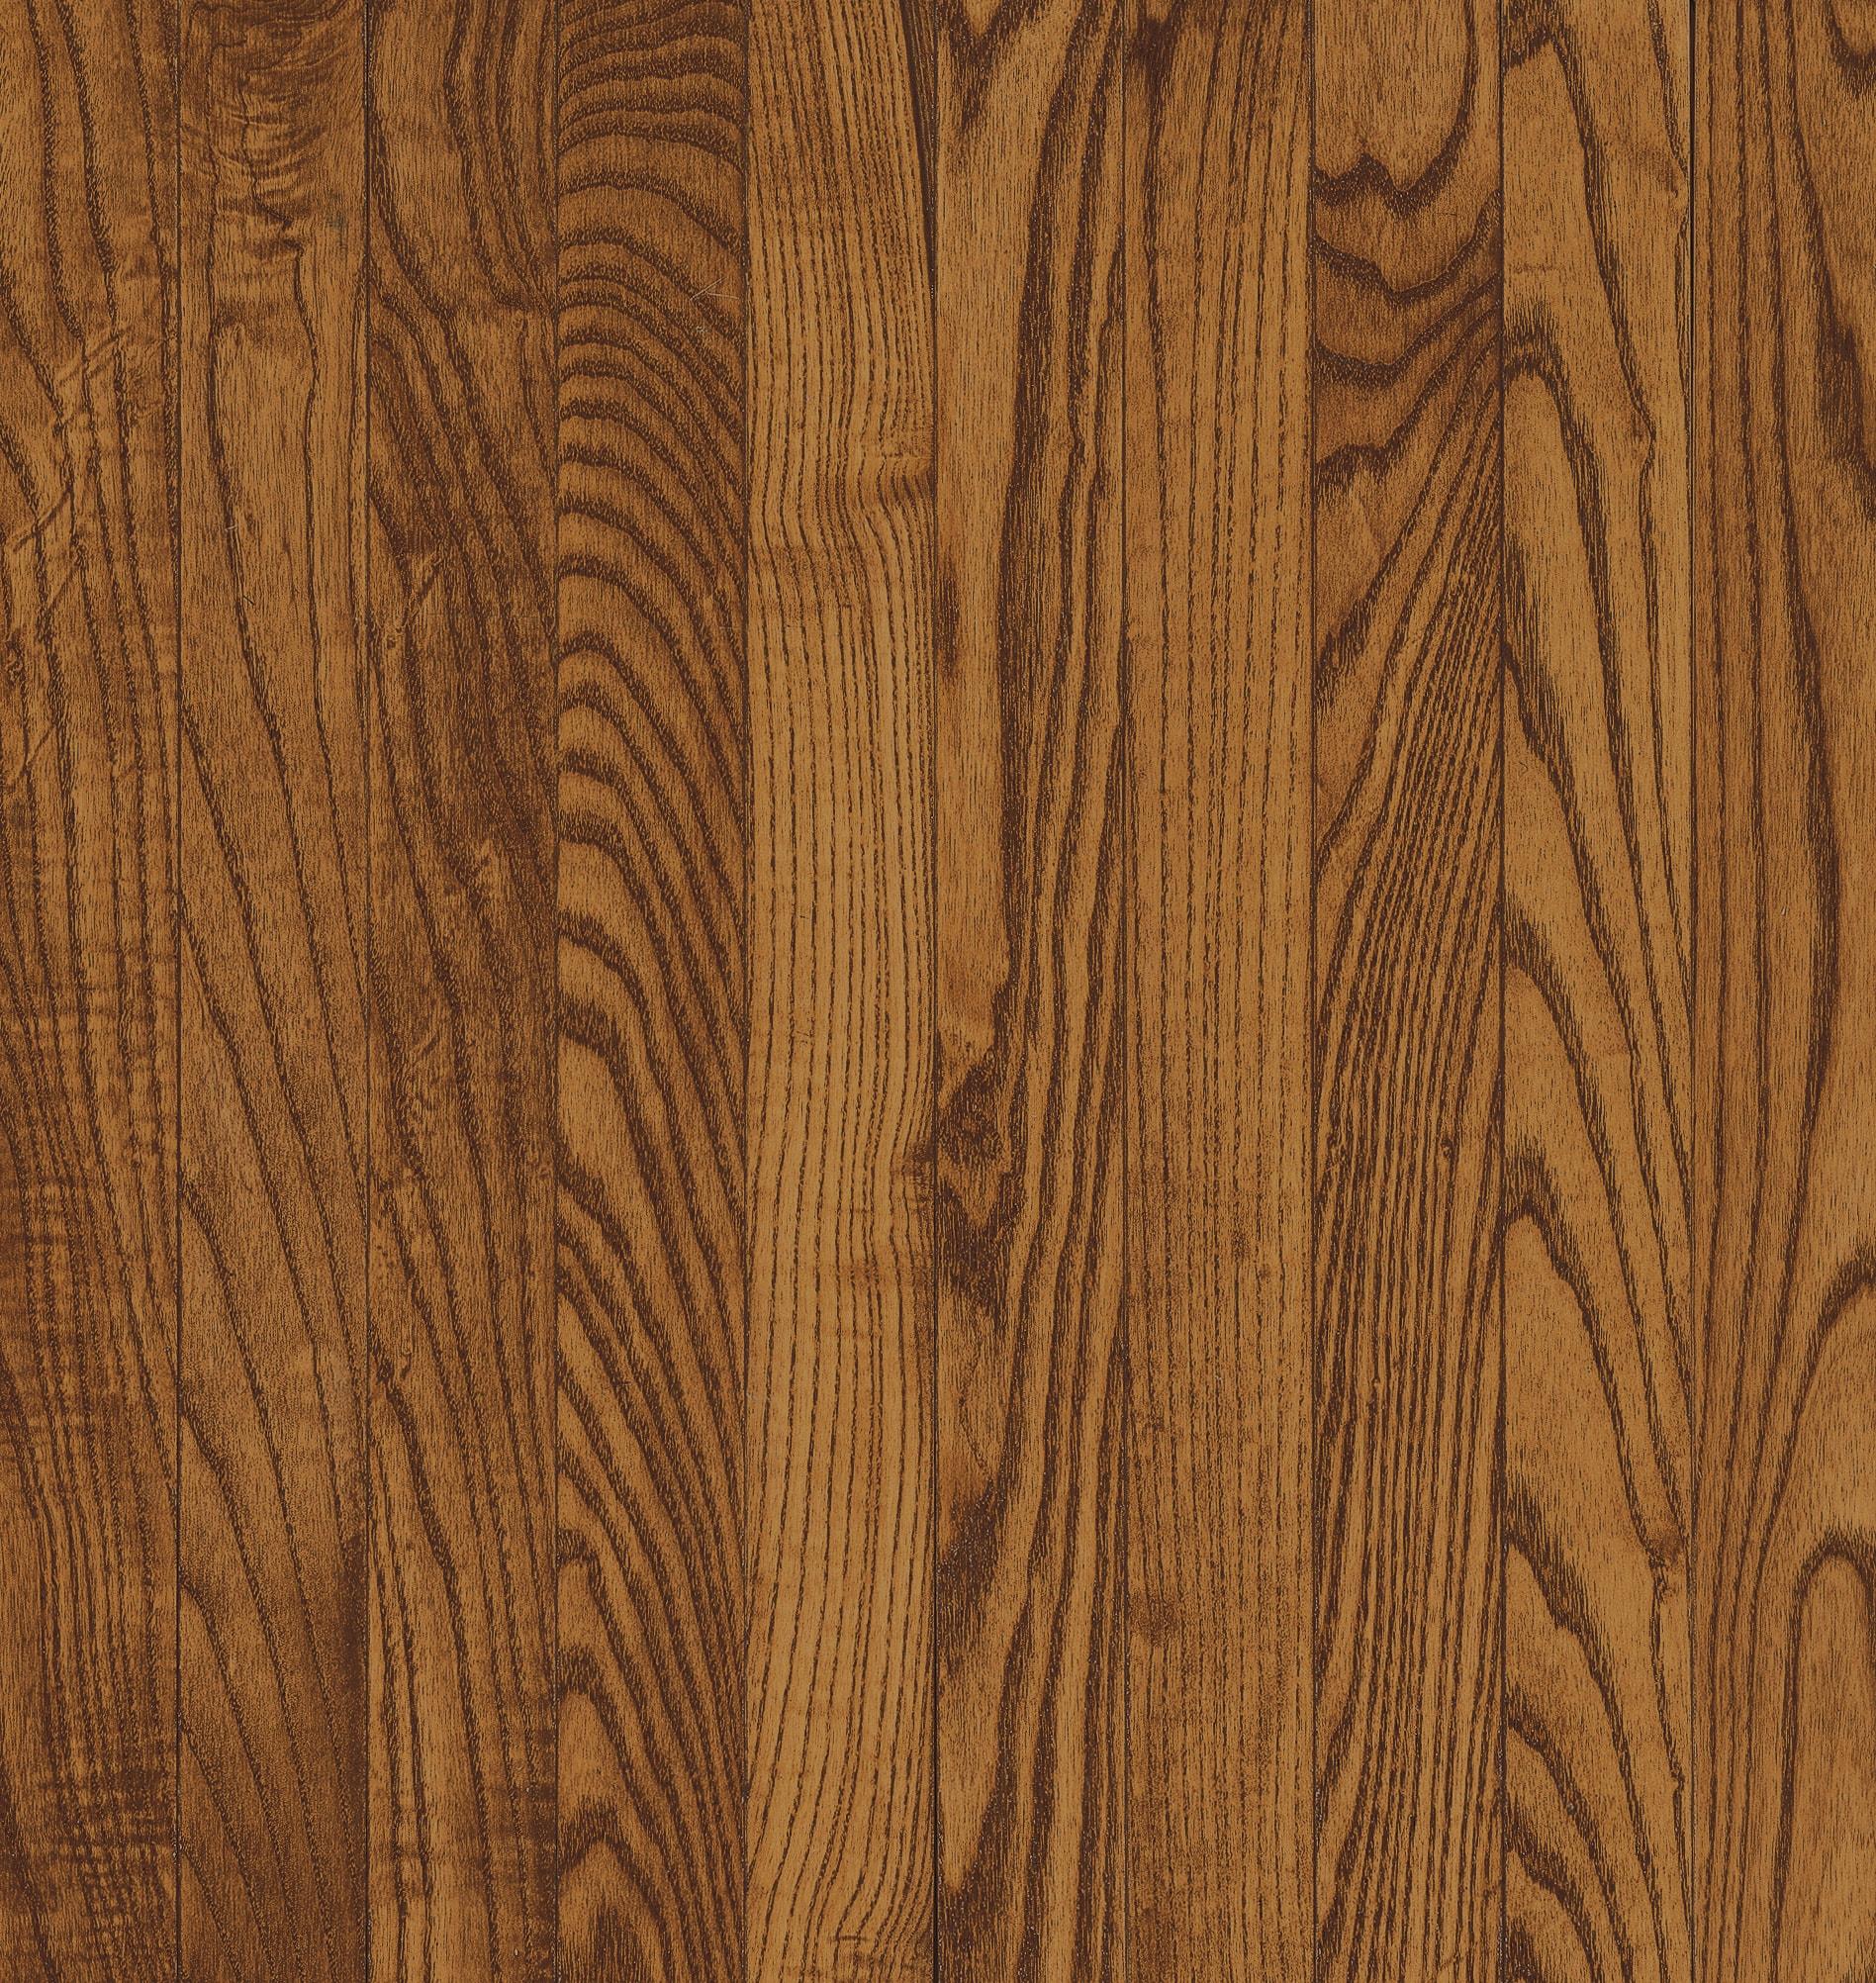 Fawn hardwood floor